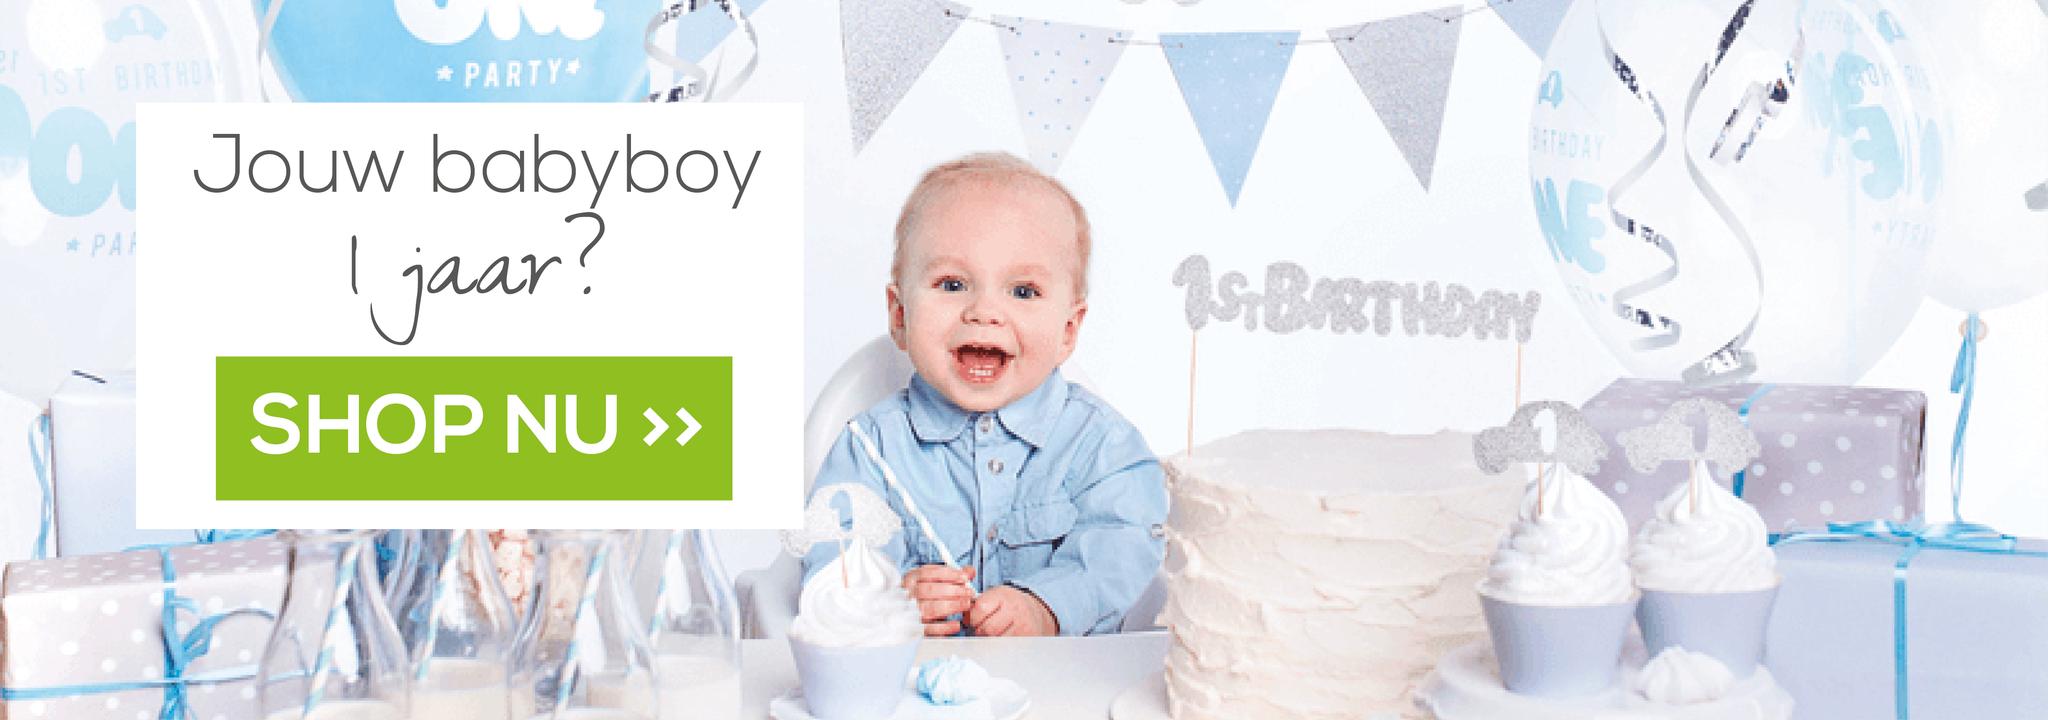 Versiering verjaardag jongen 1 jaar